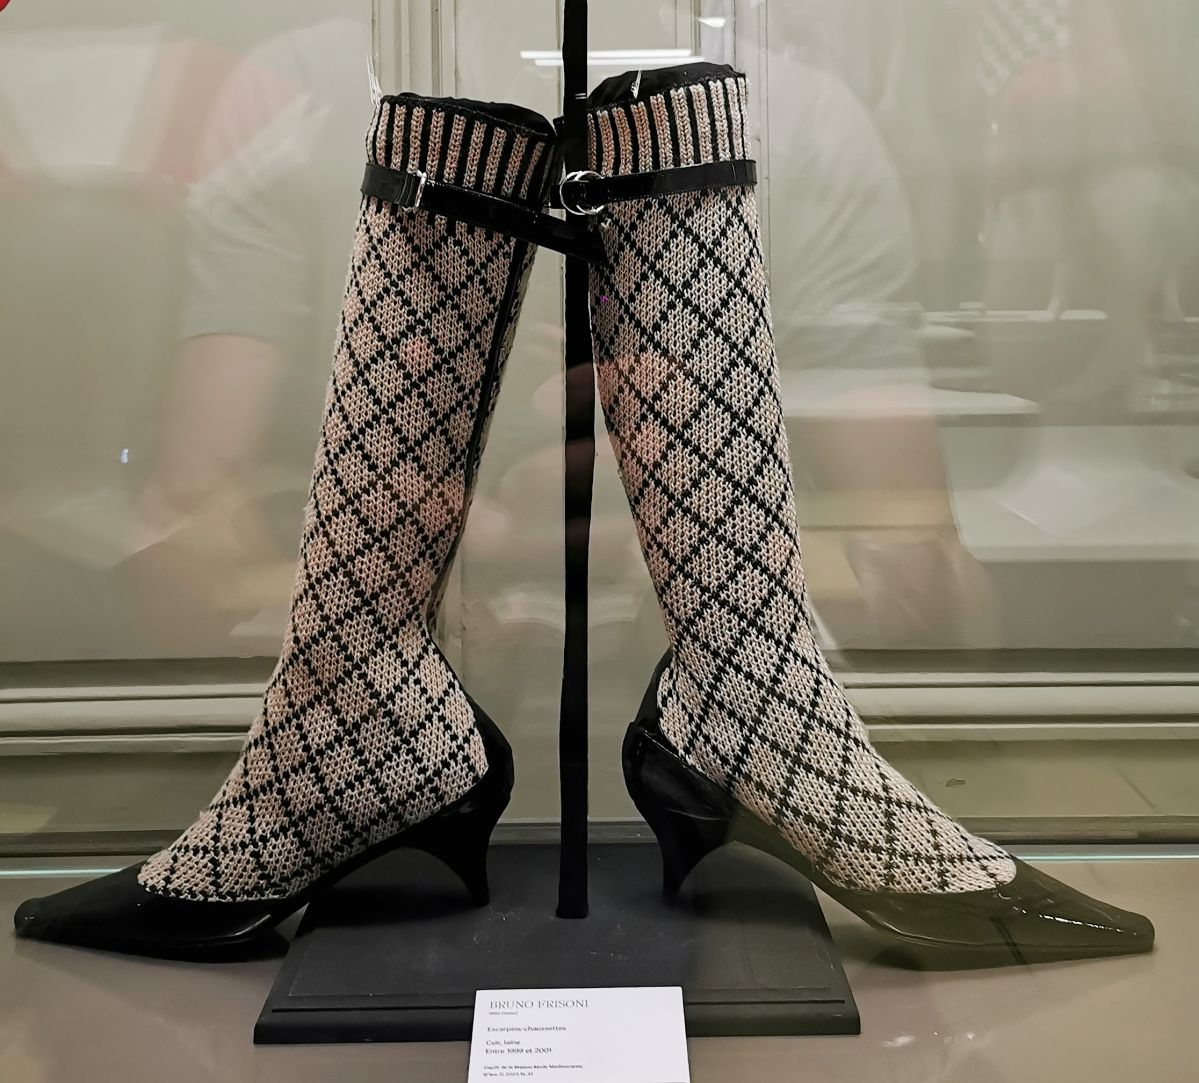 Bruno Frisoni - Escarpins-chaussettes, 1999-2001 - L'héritage surréaliste dans la mode au Château Borély - Grand Salon - Accessoires